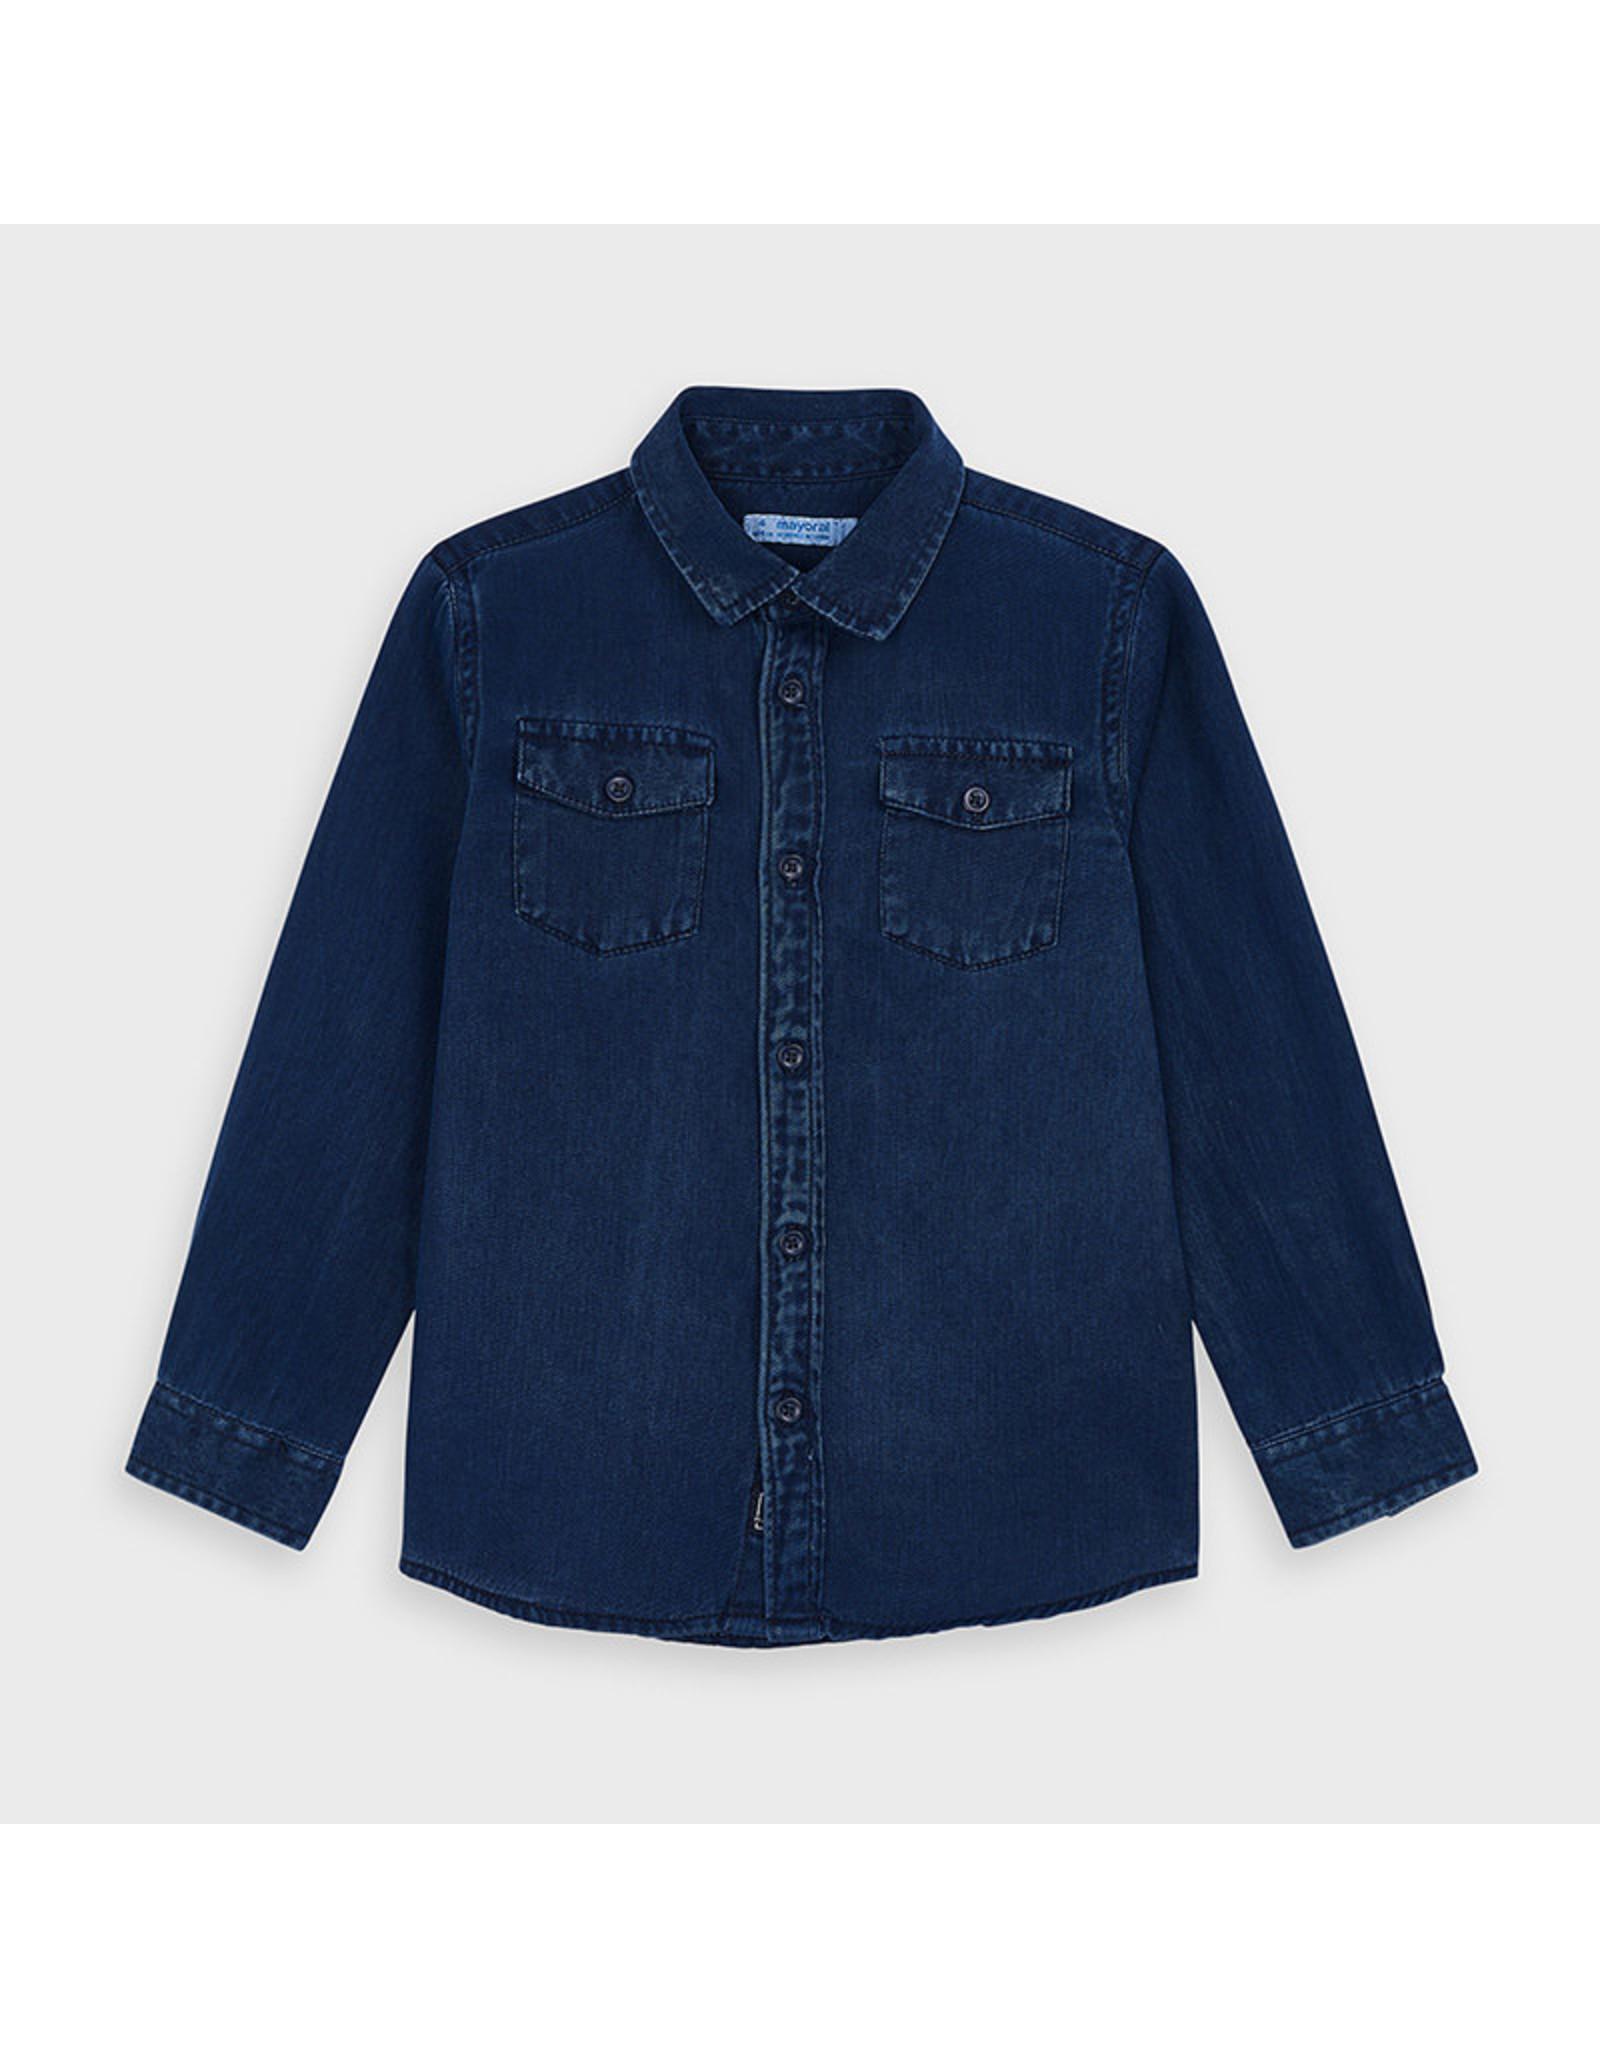 Mayoral L/s twill shirt Denim